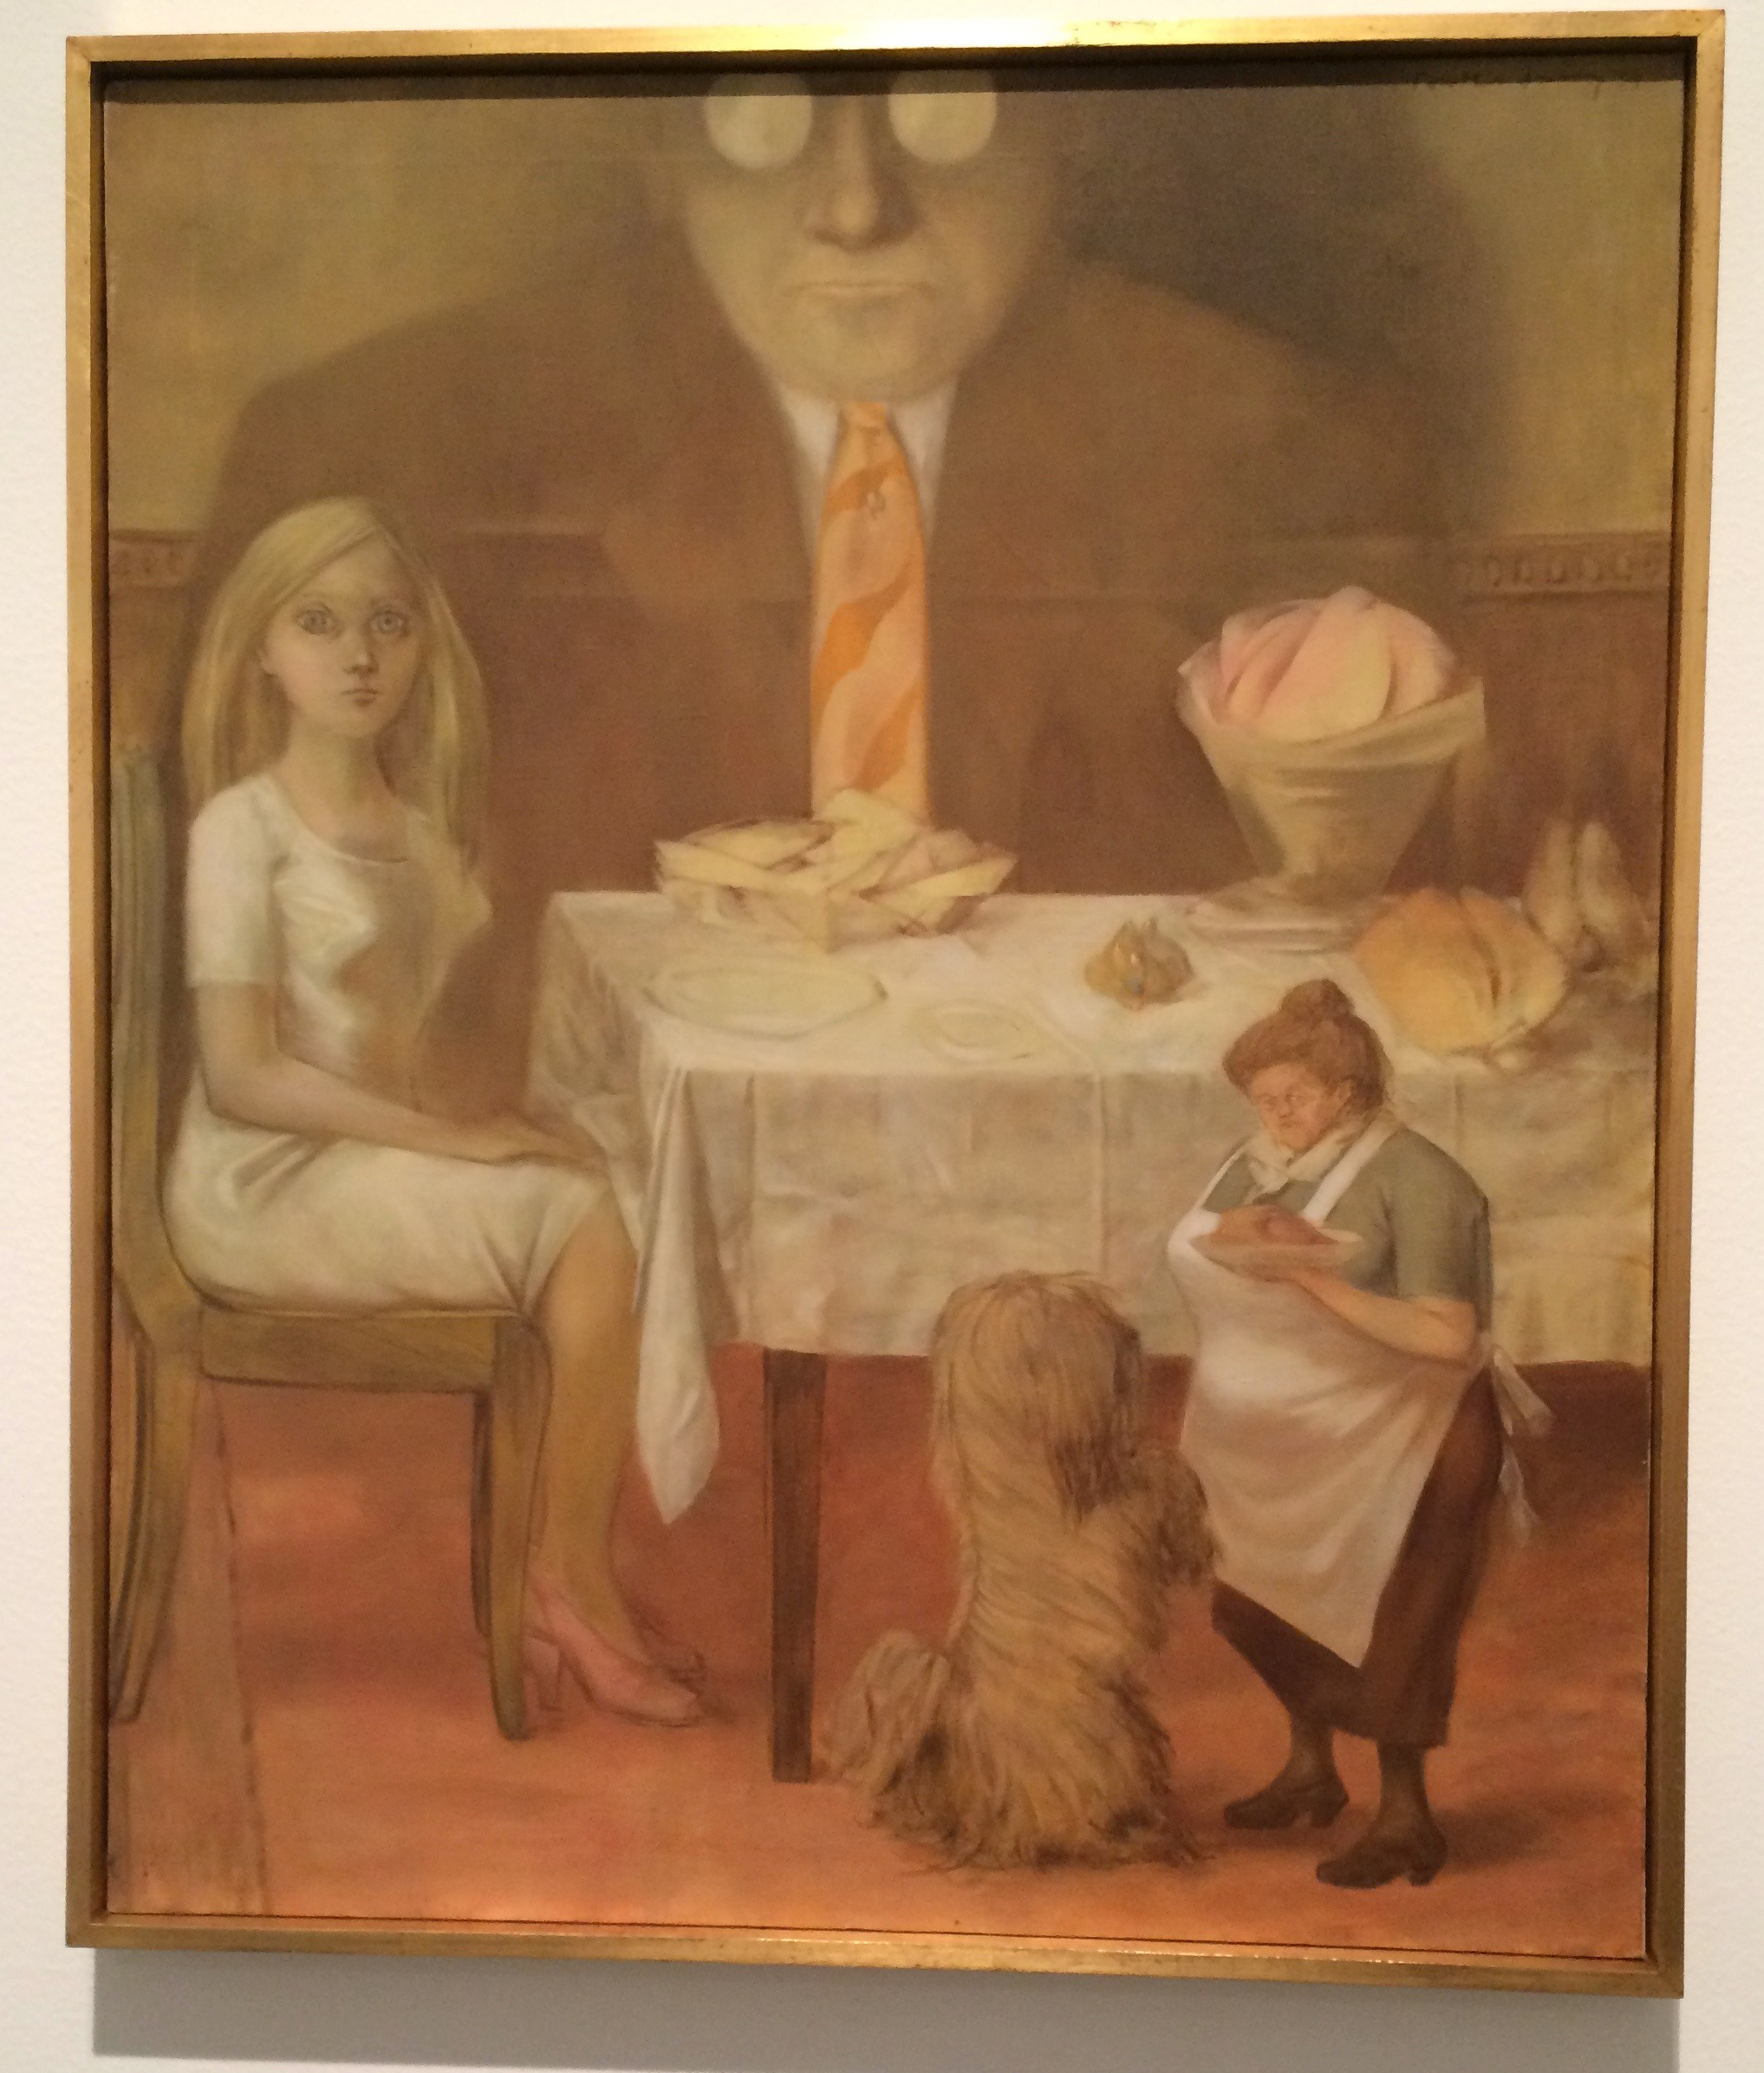 Dorothea Tanning. Retrat de familia. 1954